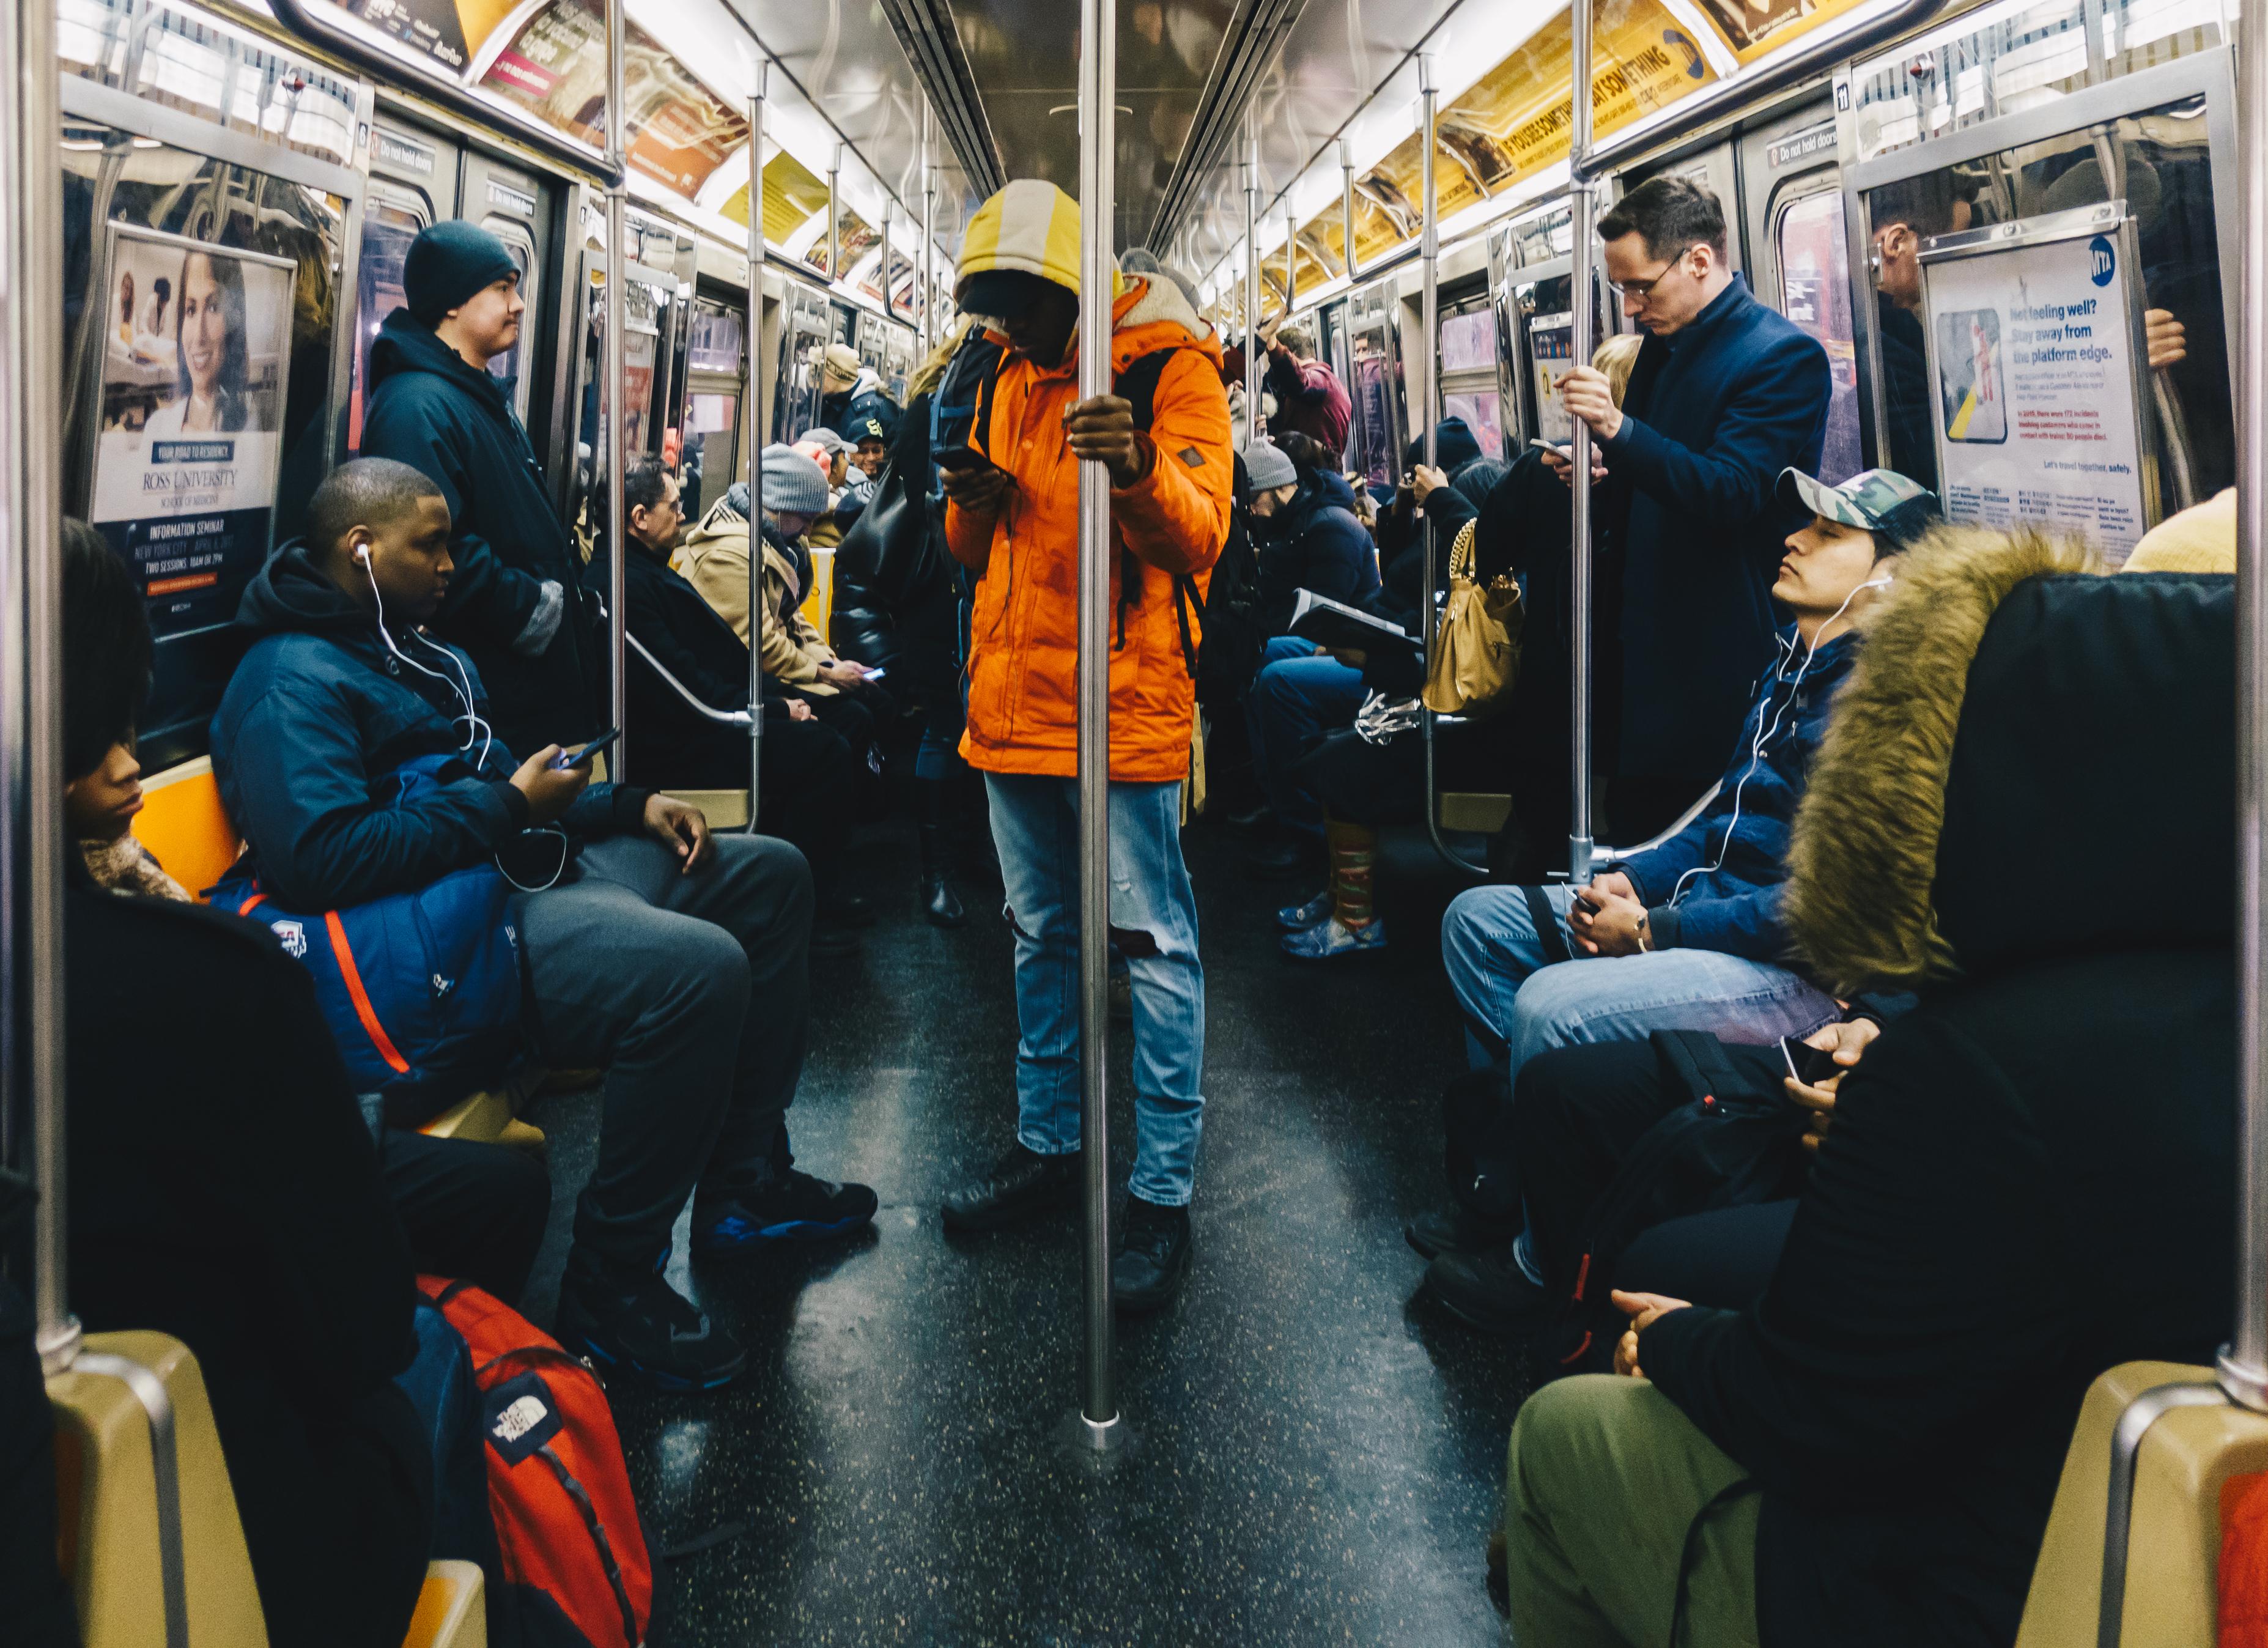 Metroul din New York utilizează voci de celebrităţi pentru a le cere călătorilor să fie precauţi în contextul pandemiei